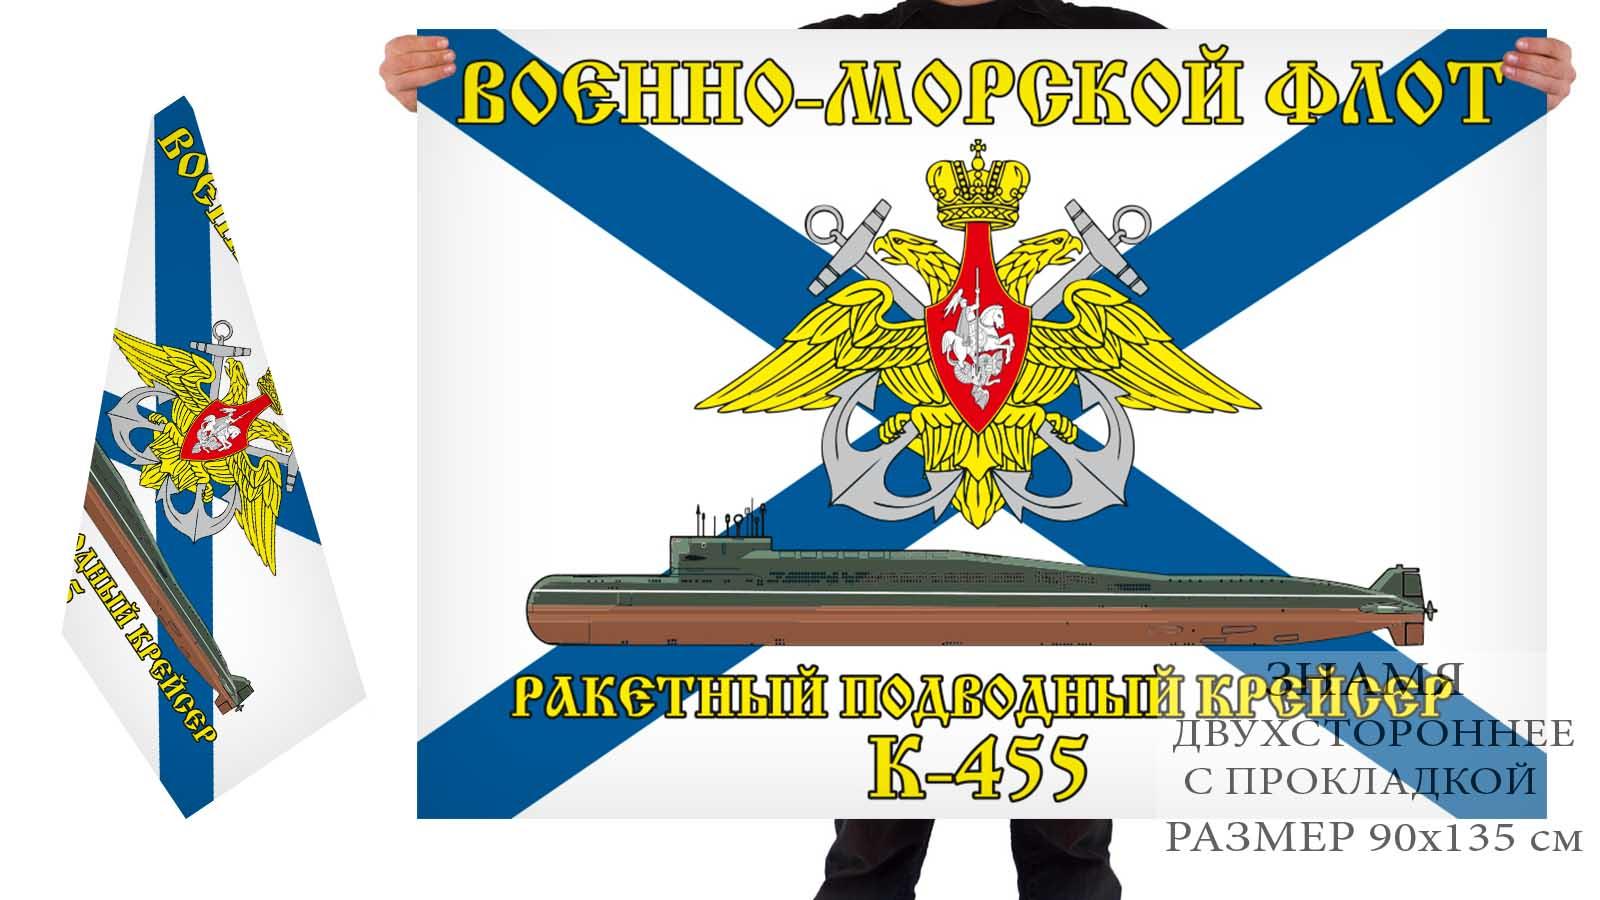 Двусторонний флаг РПКСН К 445